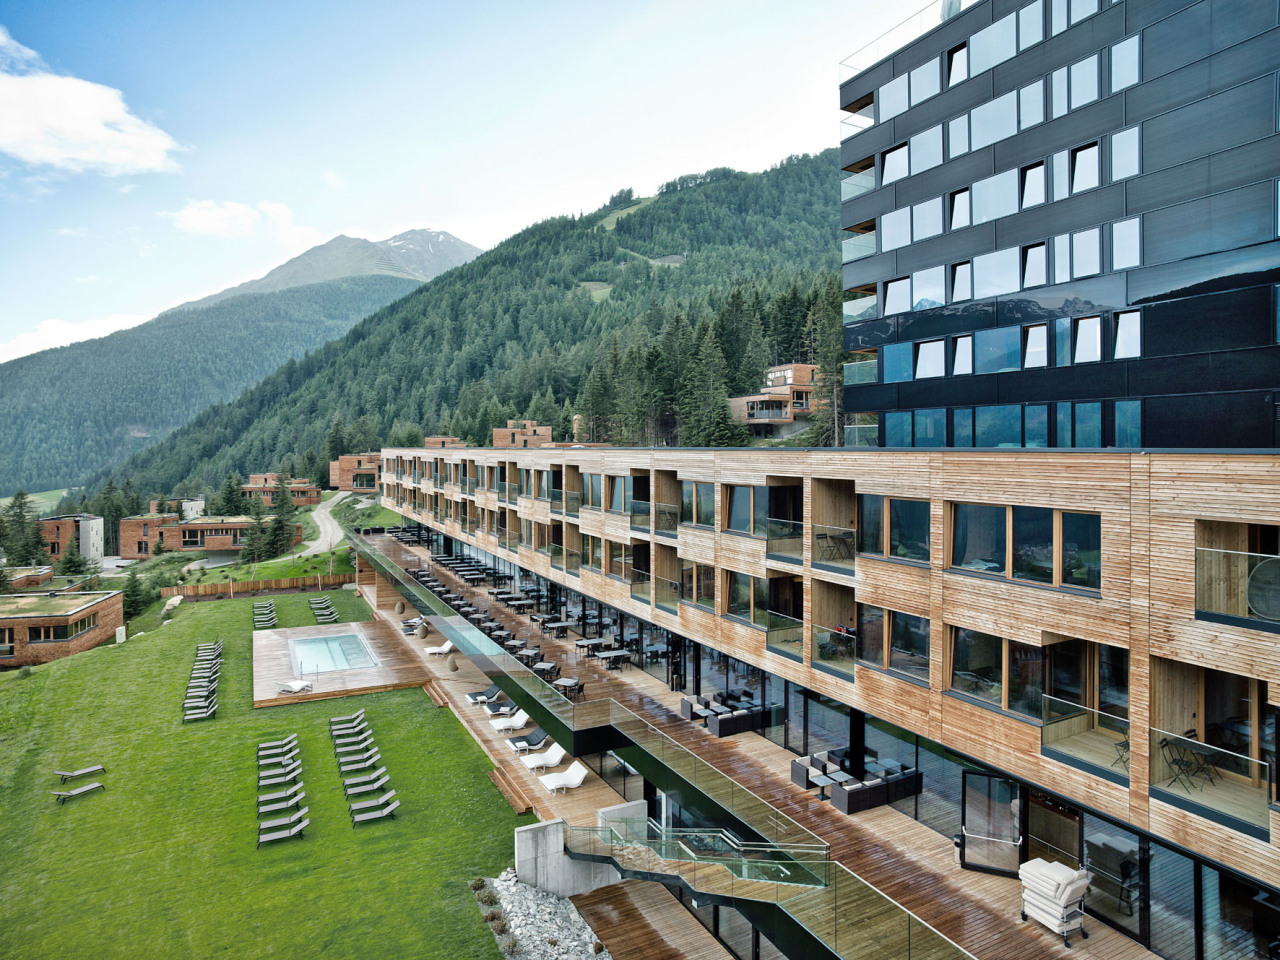 Das Gradonna Mountain Resort in Kals-Matrei ist eine archiektonisch und ökologisch ausgezeichnete Alpenperle. Bild: z.V.g.